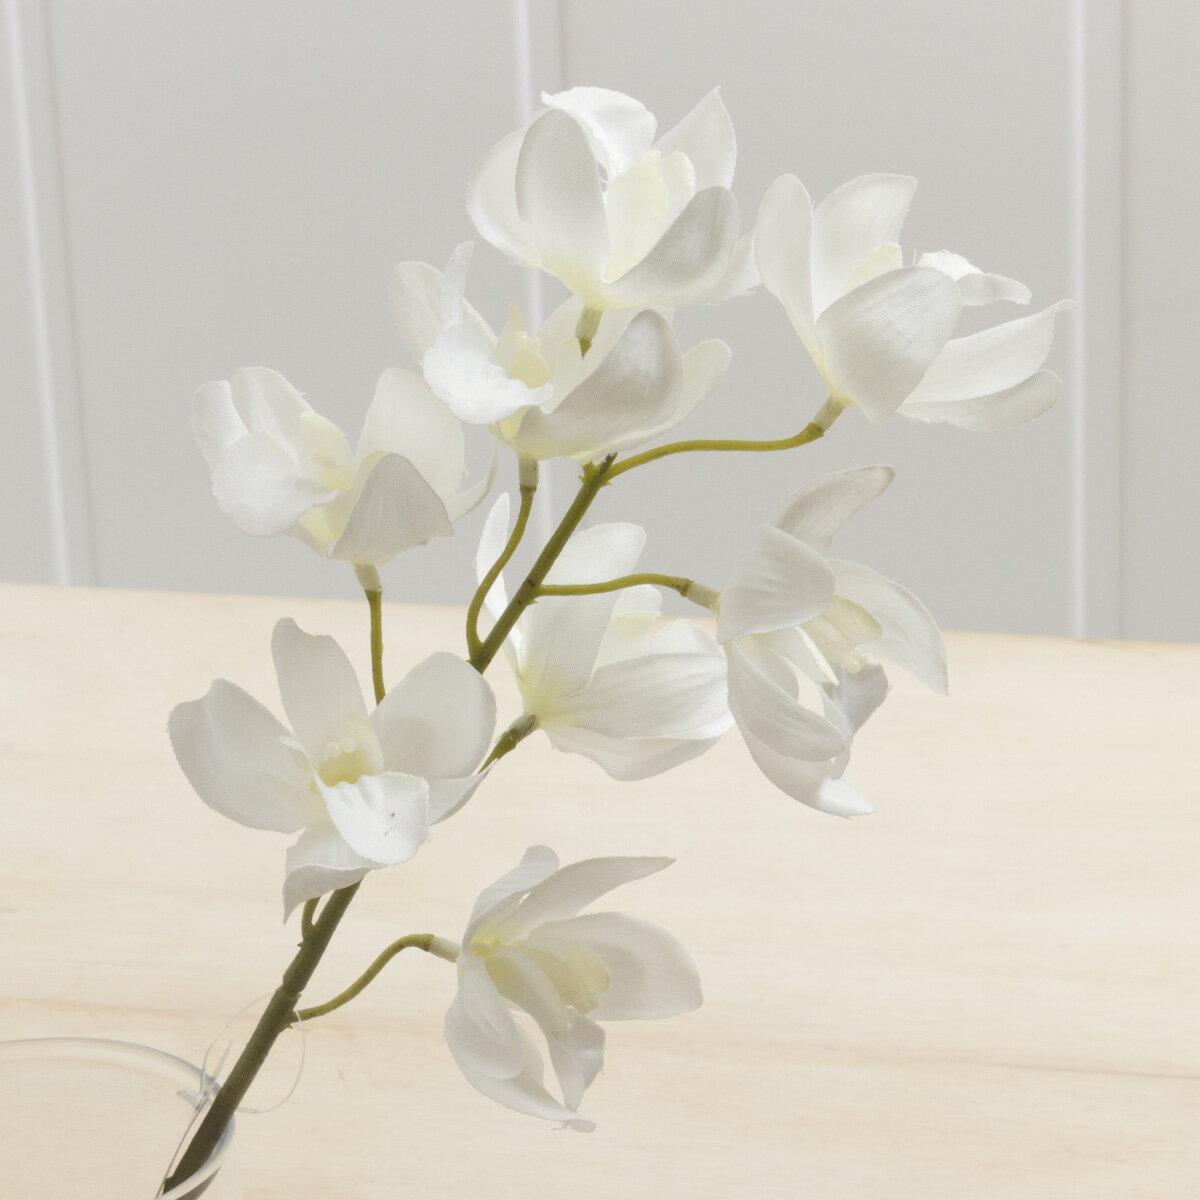 即日★【造花】YDM/シンビジューム/FA6646-CR《 造花(アーティフィシャルフラワー) 造花 花材「さ行」 シンビジューム 》